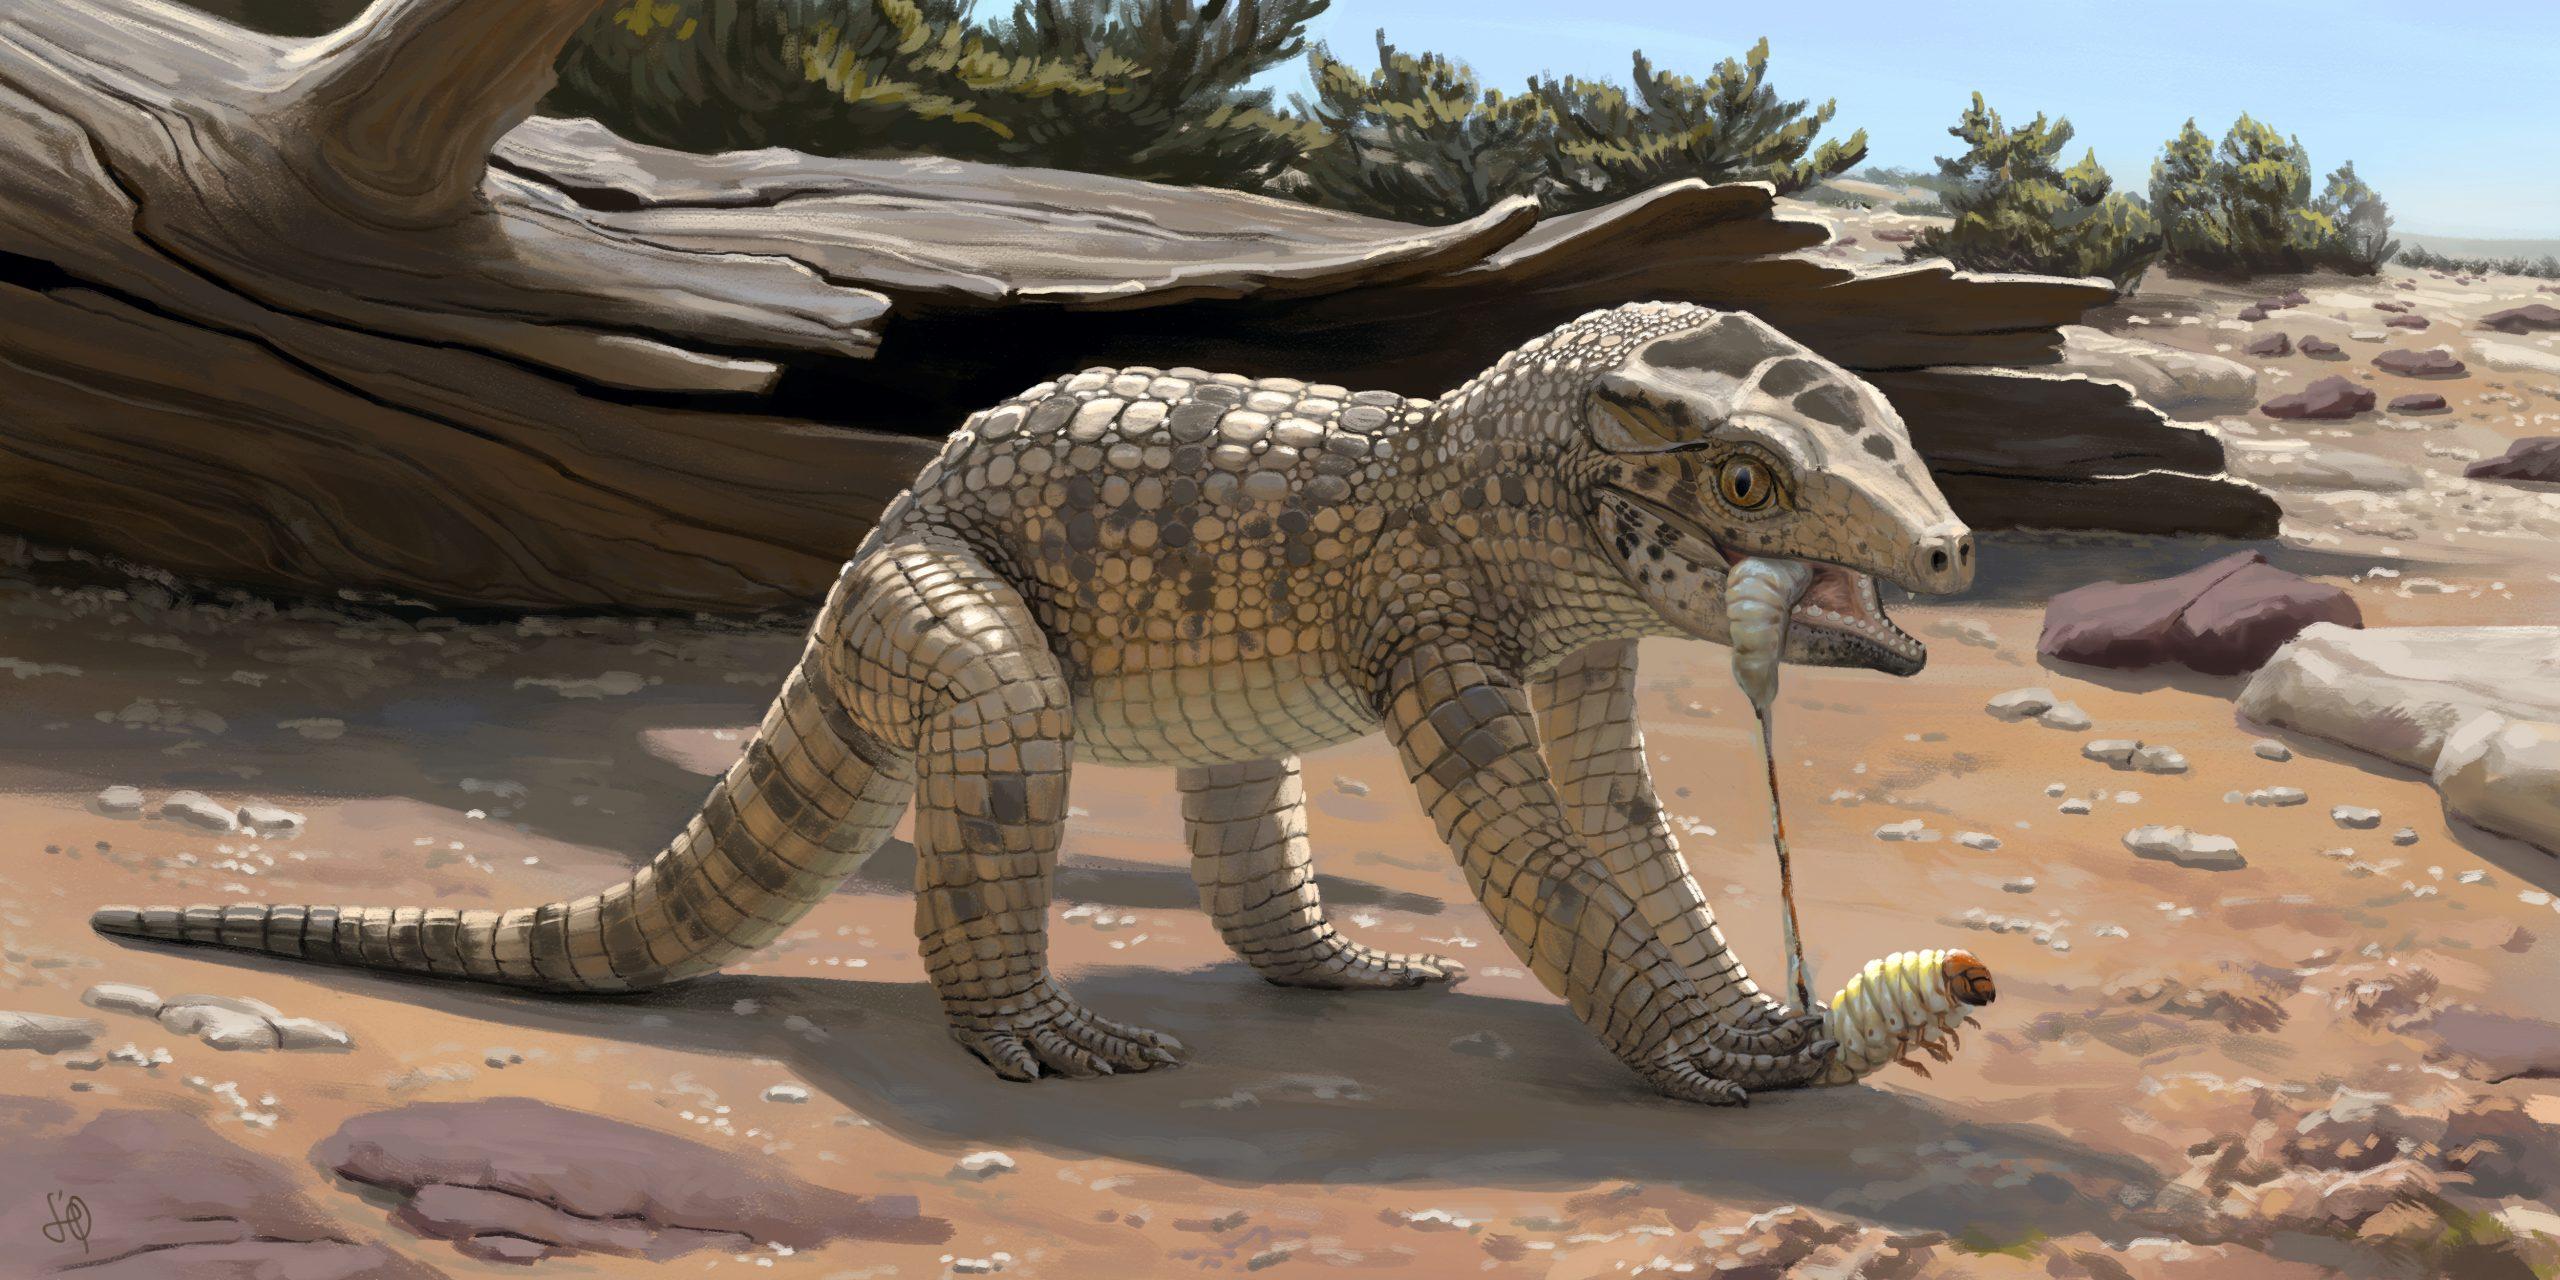 Luego de 55 años de su descubrimiento, se identifica una nueva especie de cocodrilo fósil que vivió en el estado de Minas Gerais, Brasil, hace unos 80 millones de años atrás